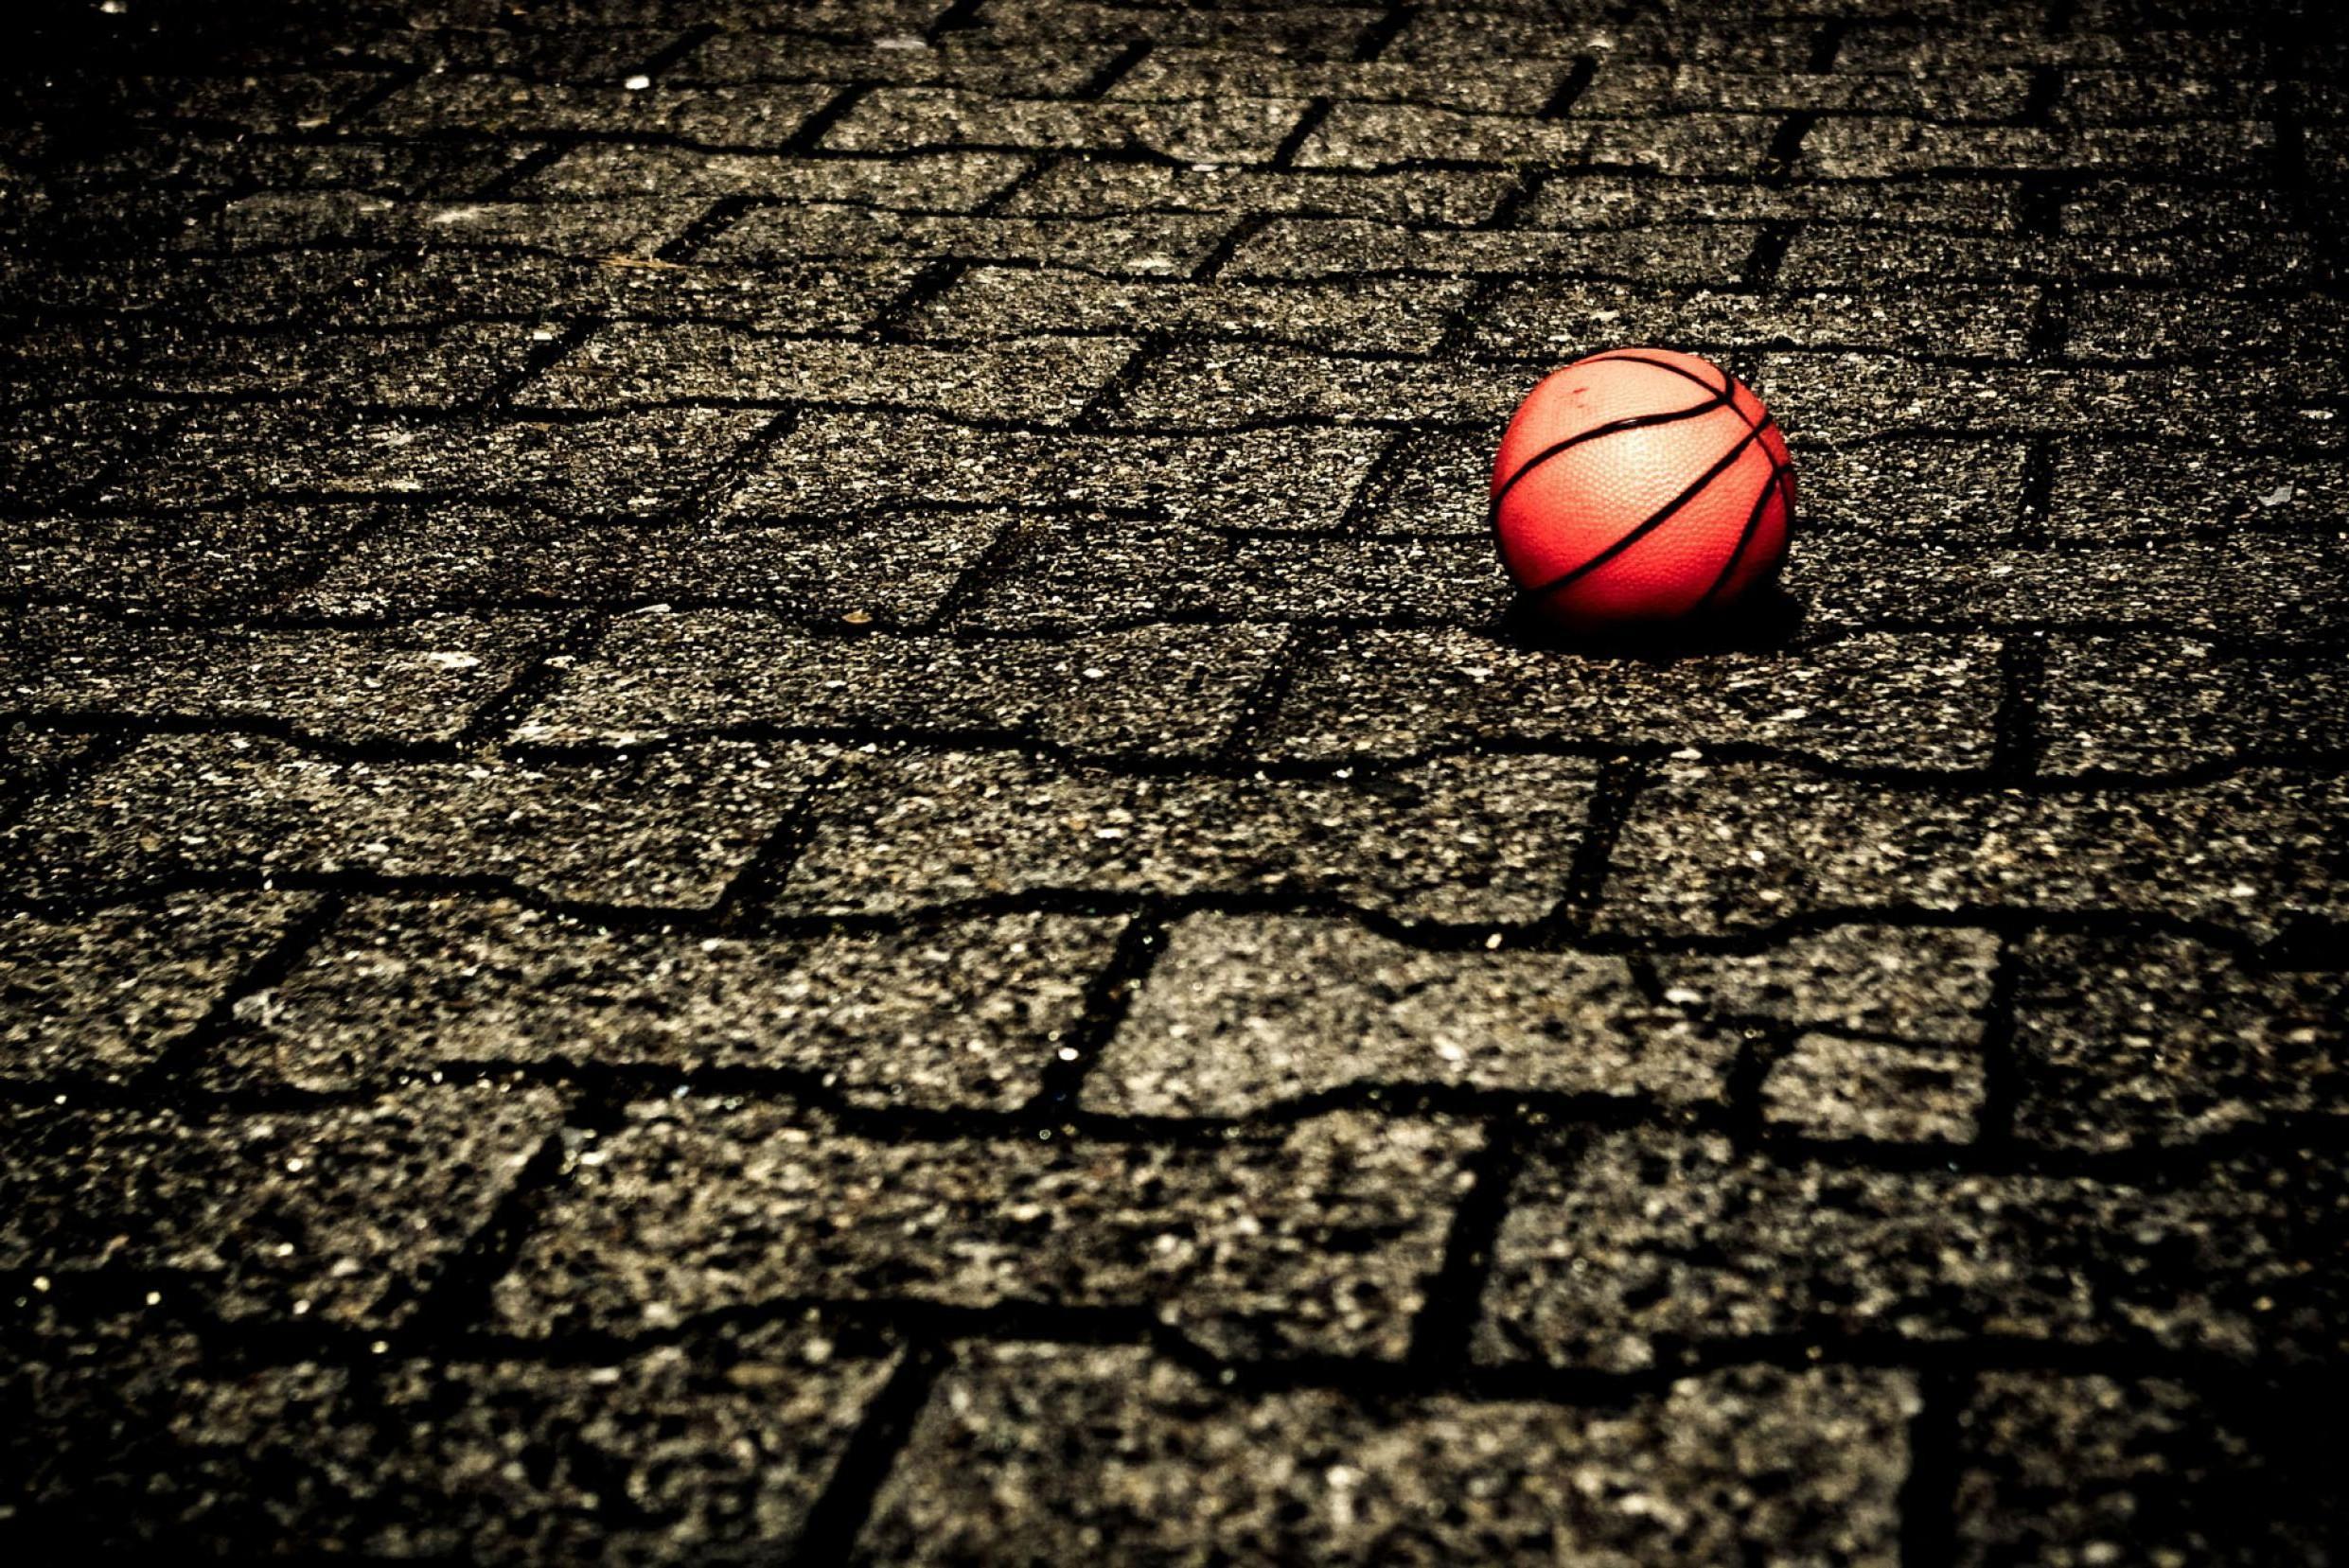 Cool Basketball Wallpaper Images - WallpaperSafari